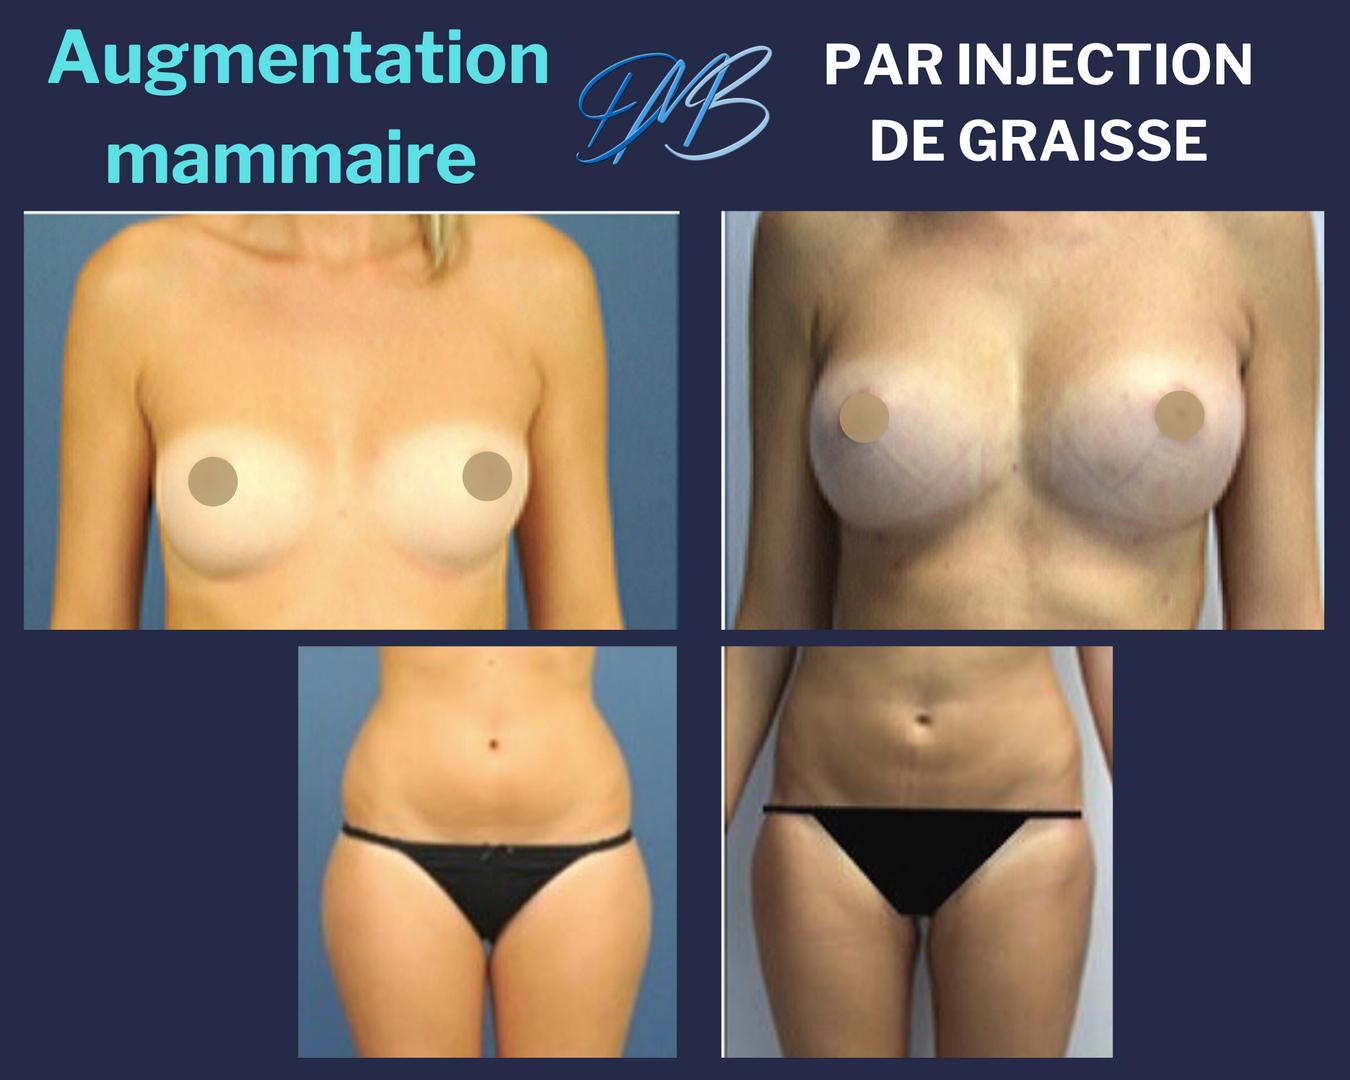 Augmentation mammaire par injection de graisse 2